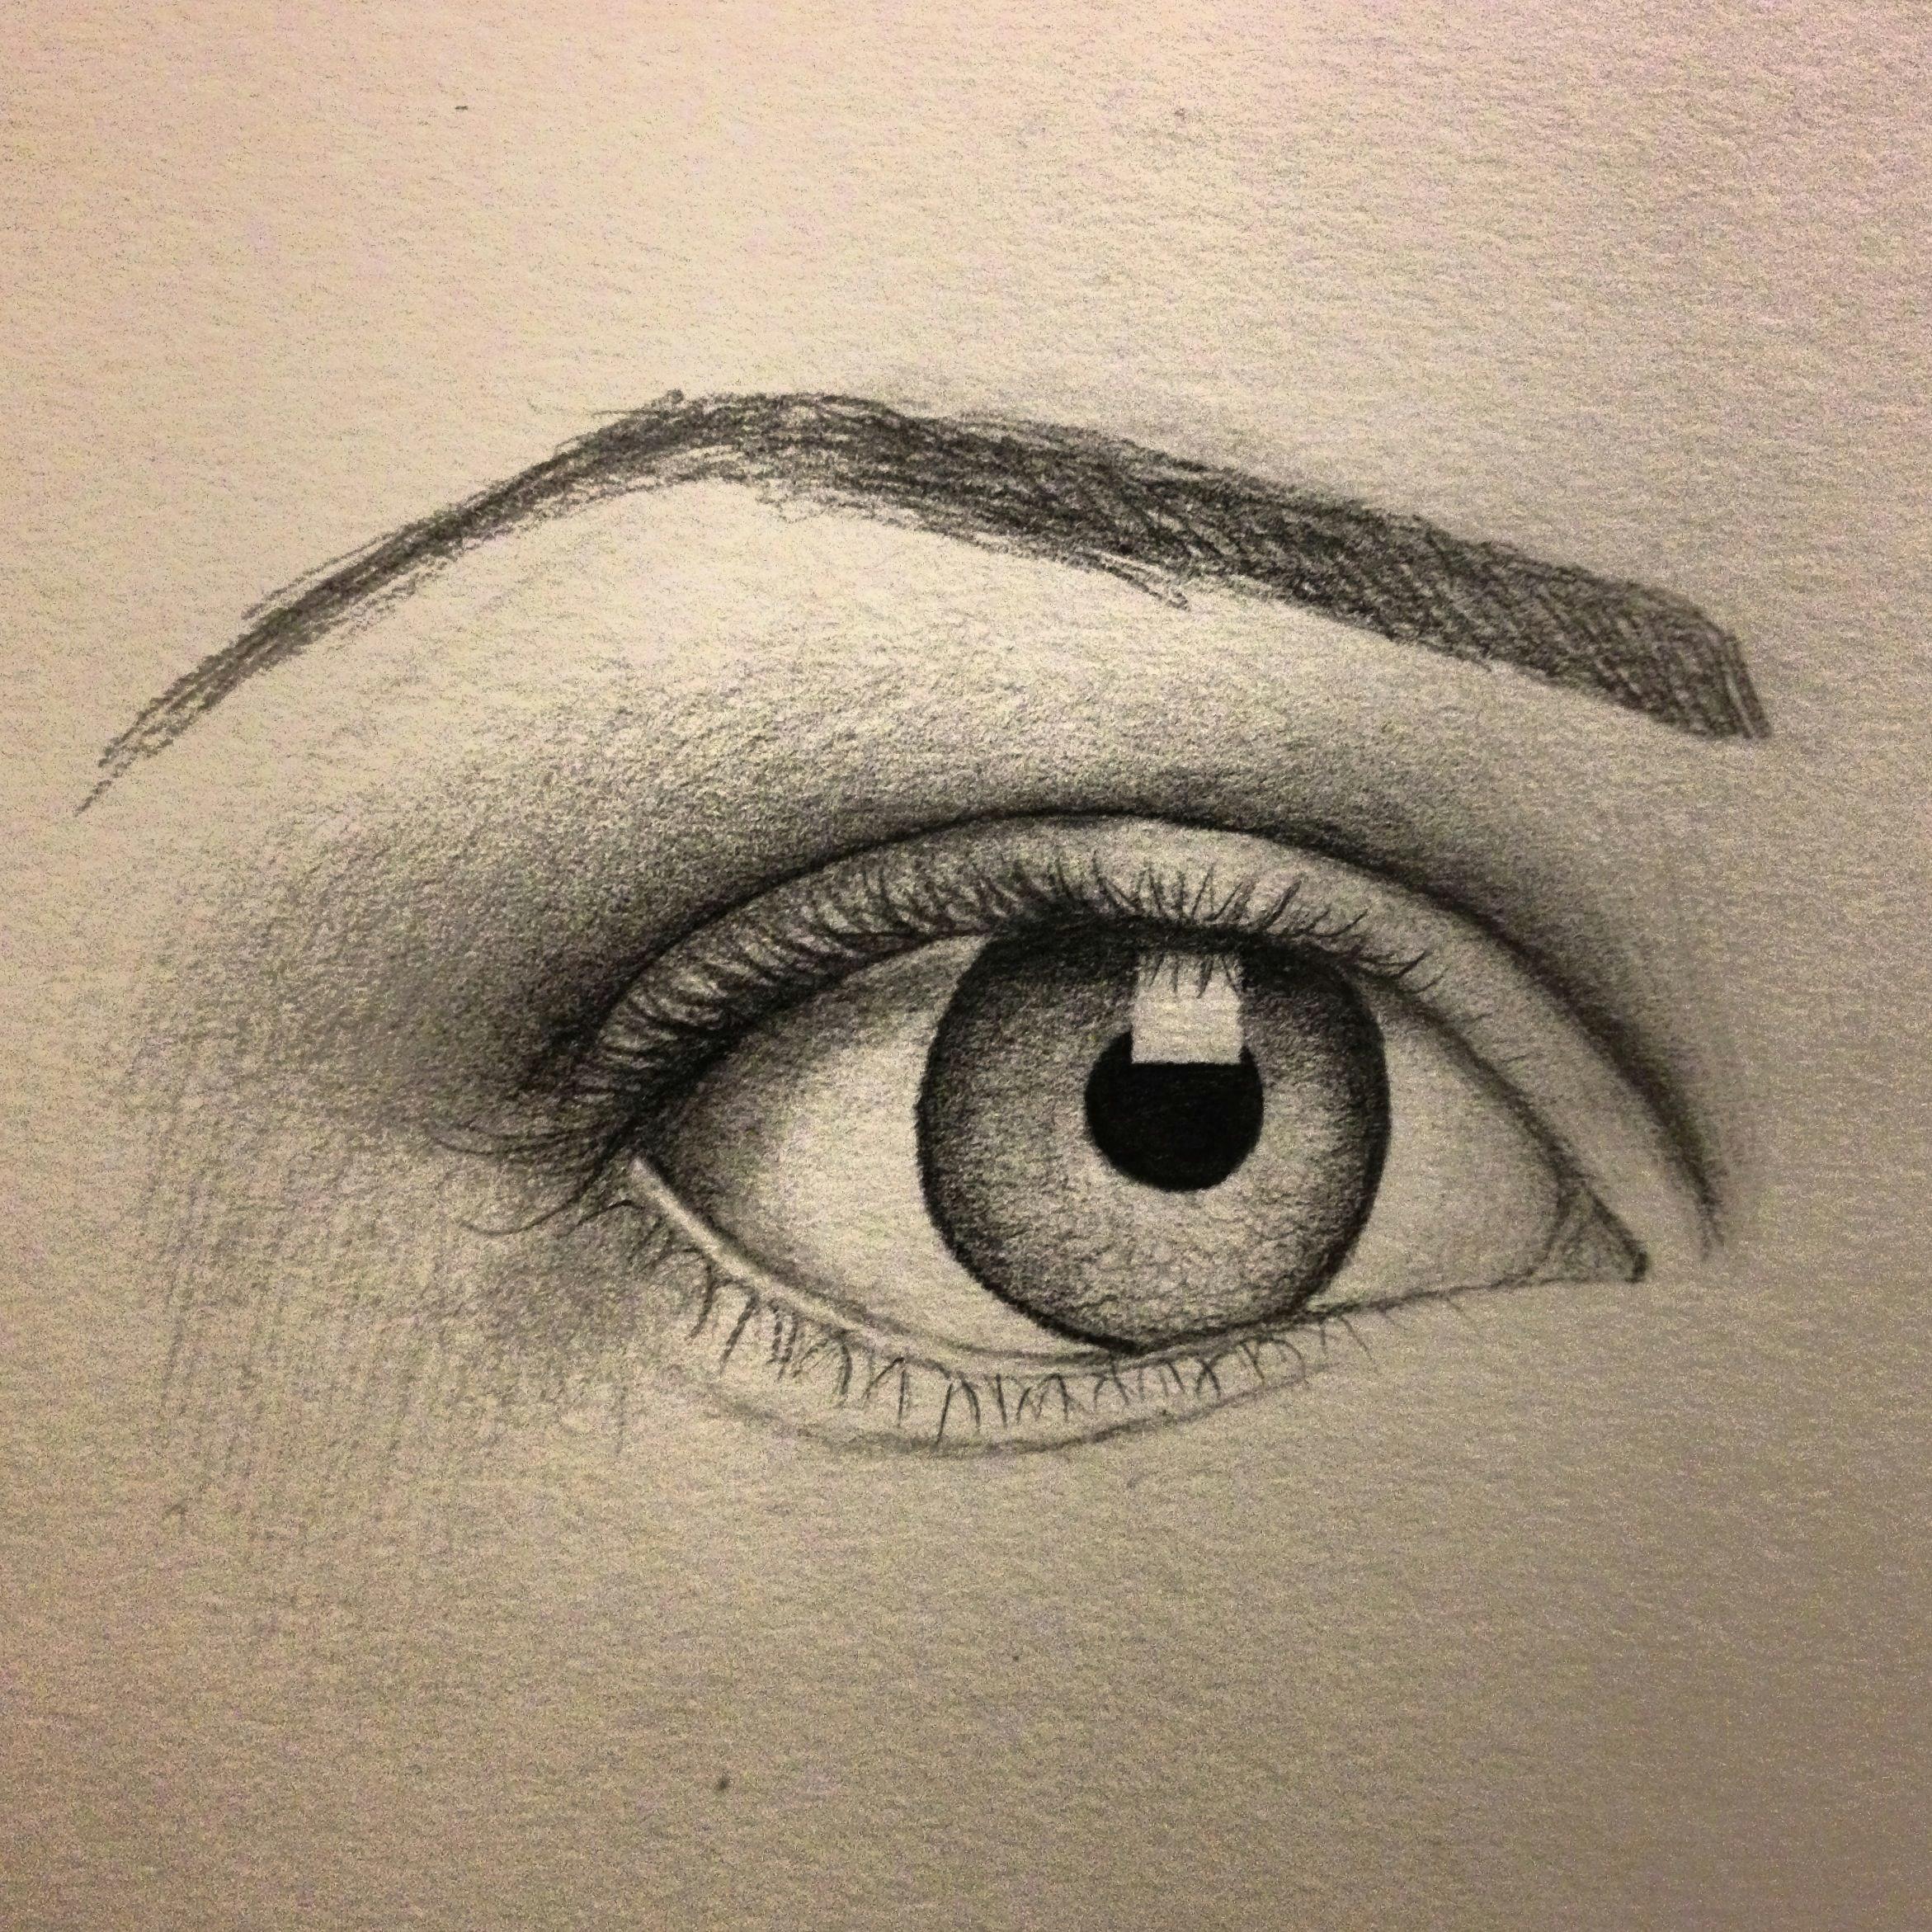 eye sketch artist pamela white